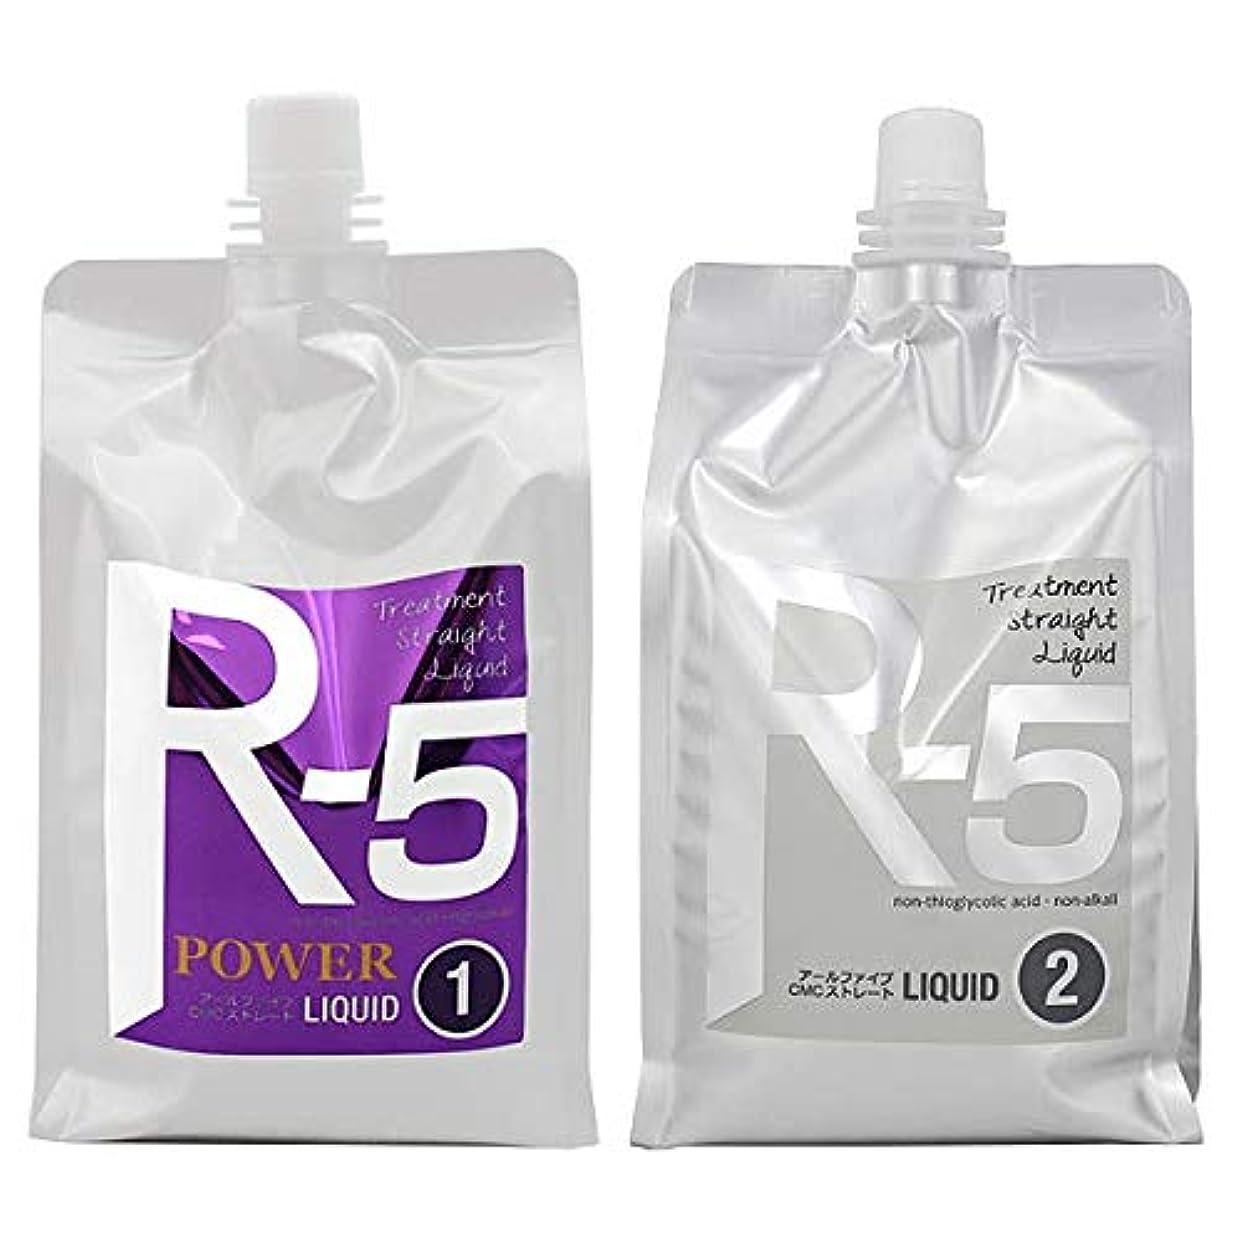 パーセントヶ月目タイプライターCMCトリートメントストレート R-5 パープル(パワー) ストレート剤